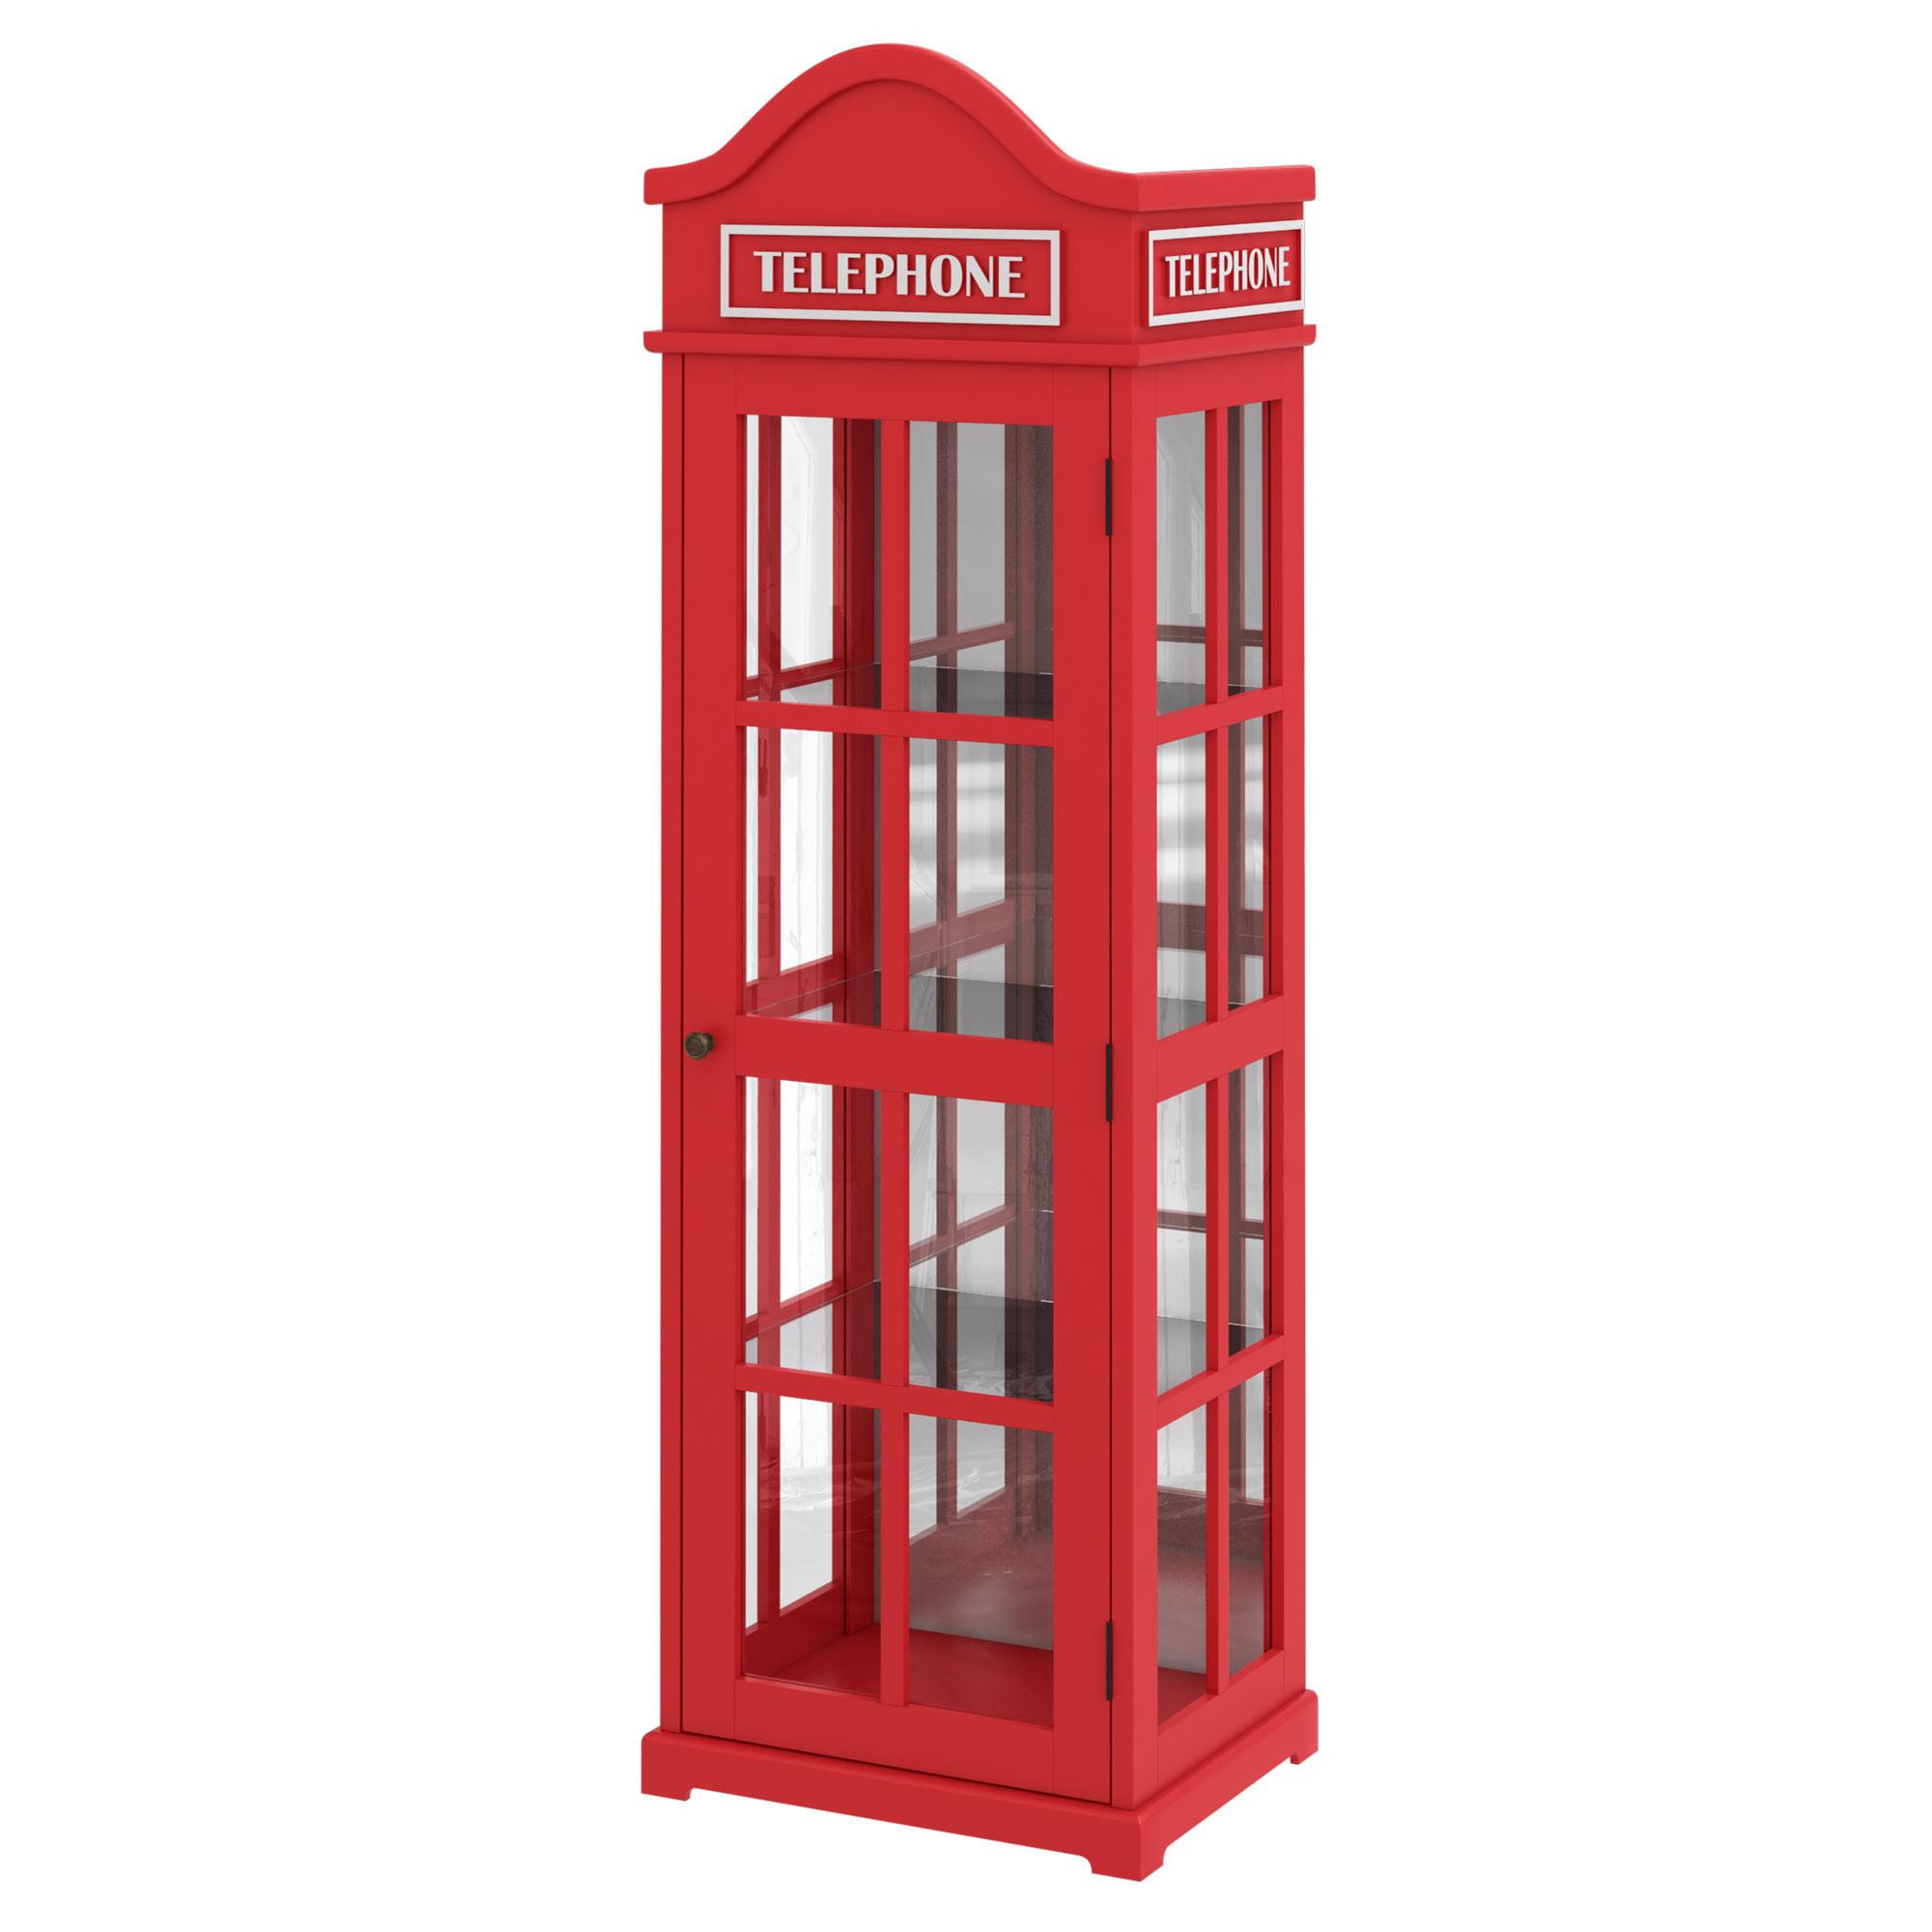 Cristaleira Telephone com Espelho 1,88 MT (ALT) - 56986